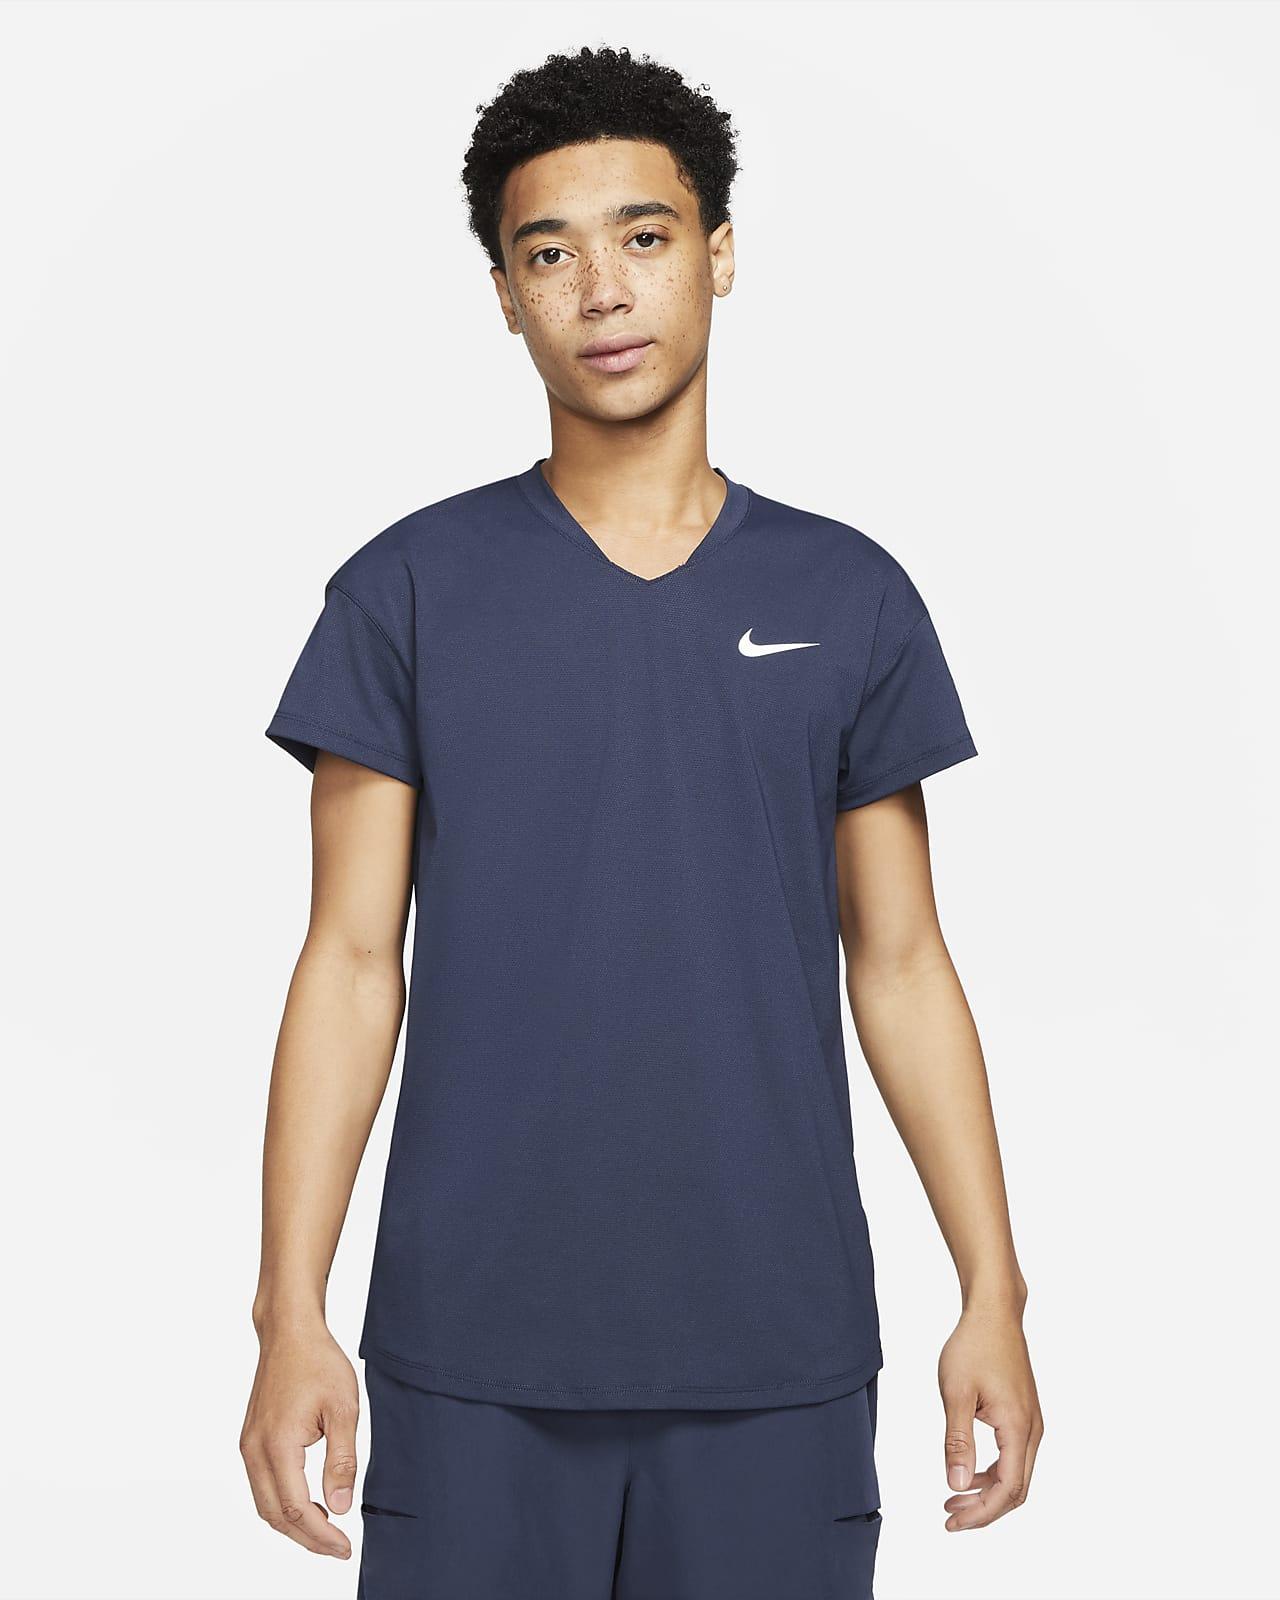 Prenda para la parte superior de tenis para hombre NikeCourt Breathe Slam